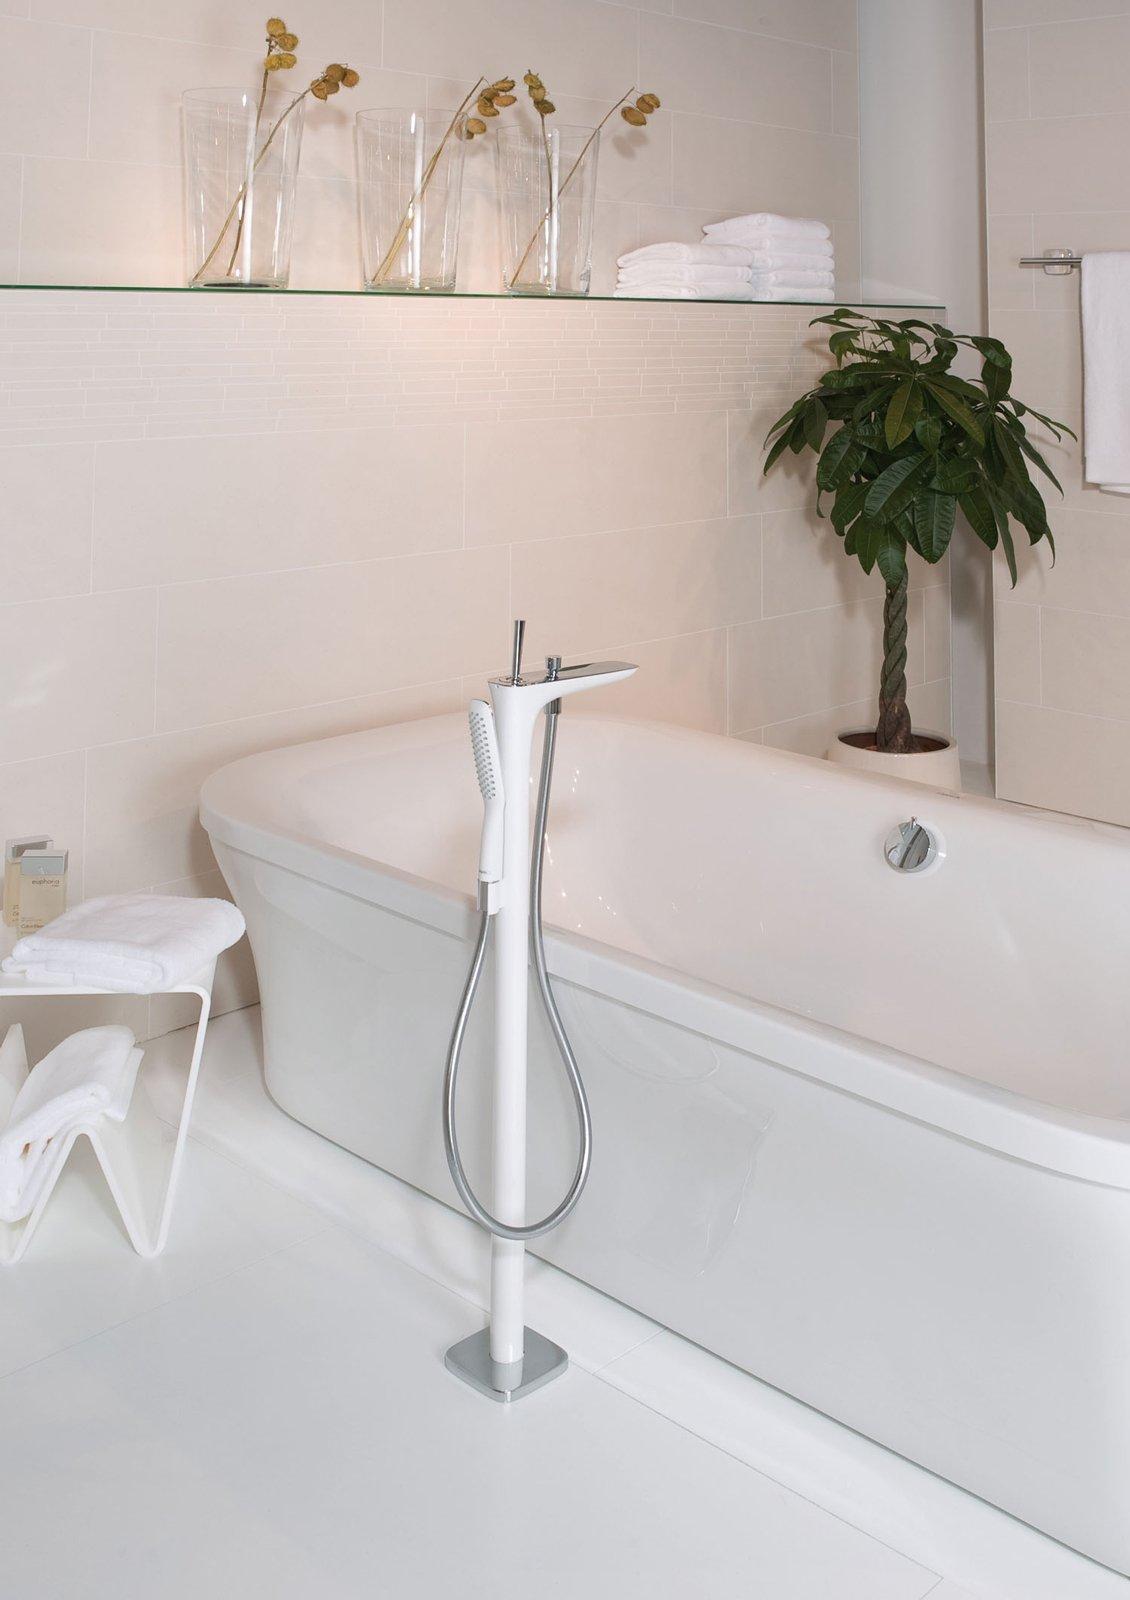 rubinetteria per la vasca cose di casa. Black Bedroom Furniture Sets. Home Design Ideas